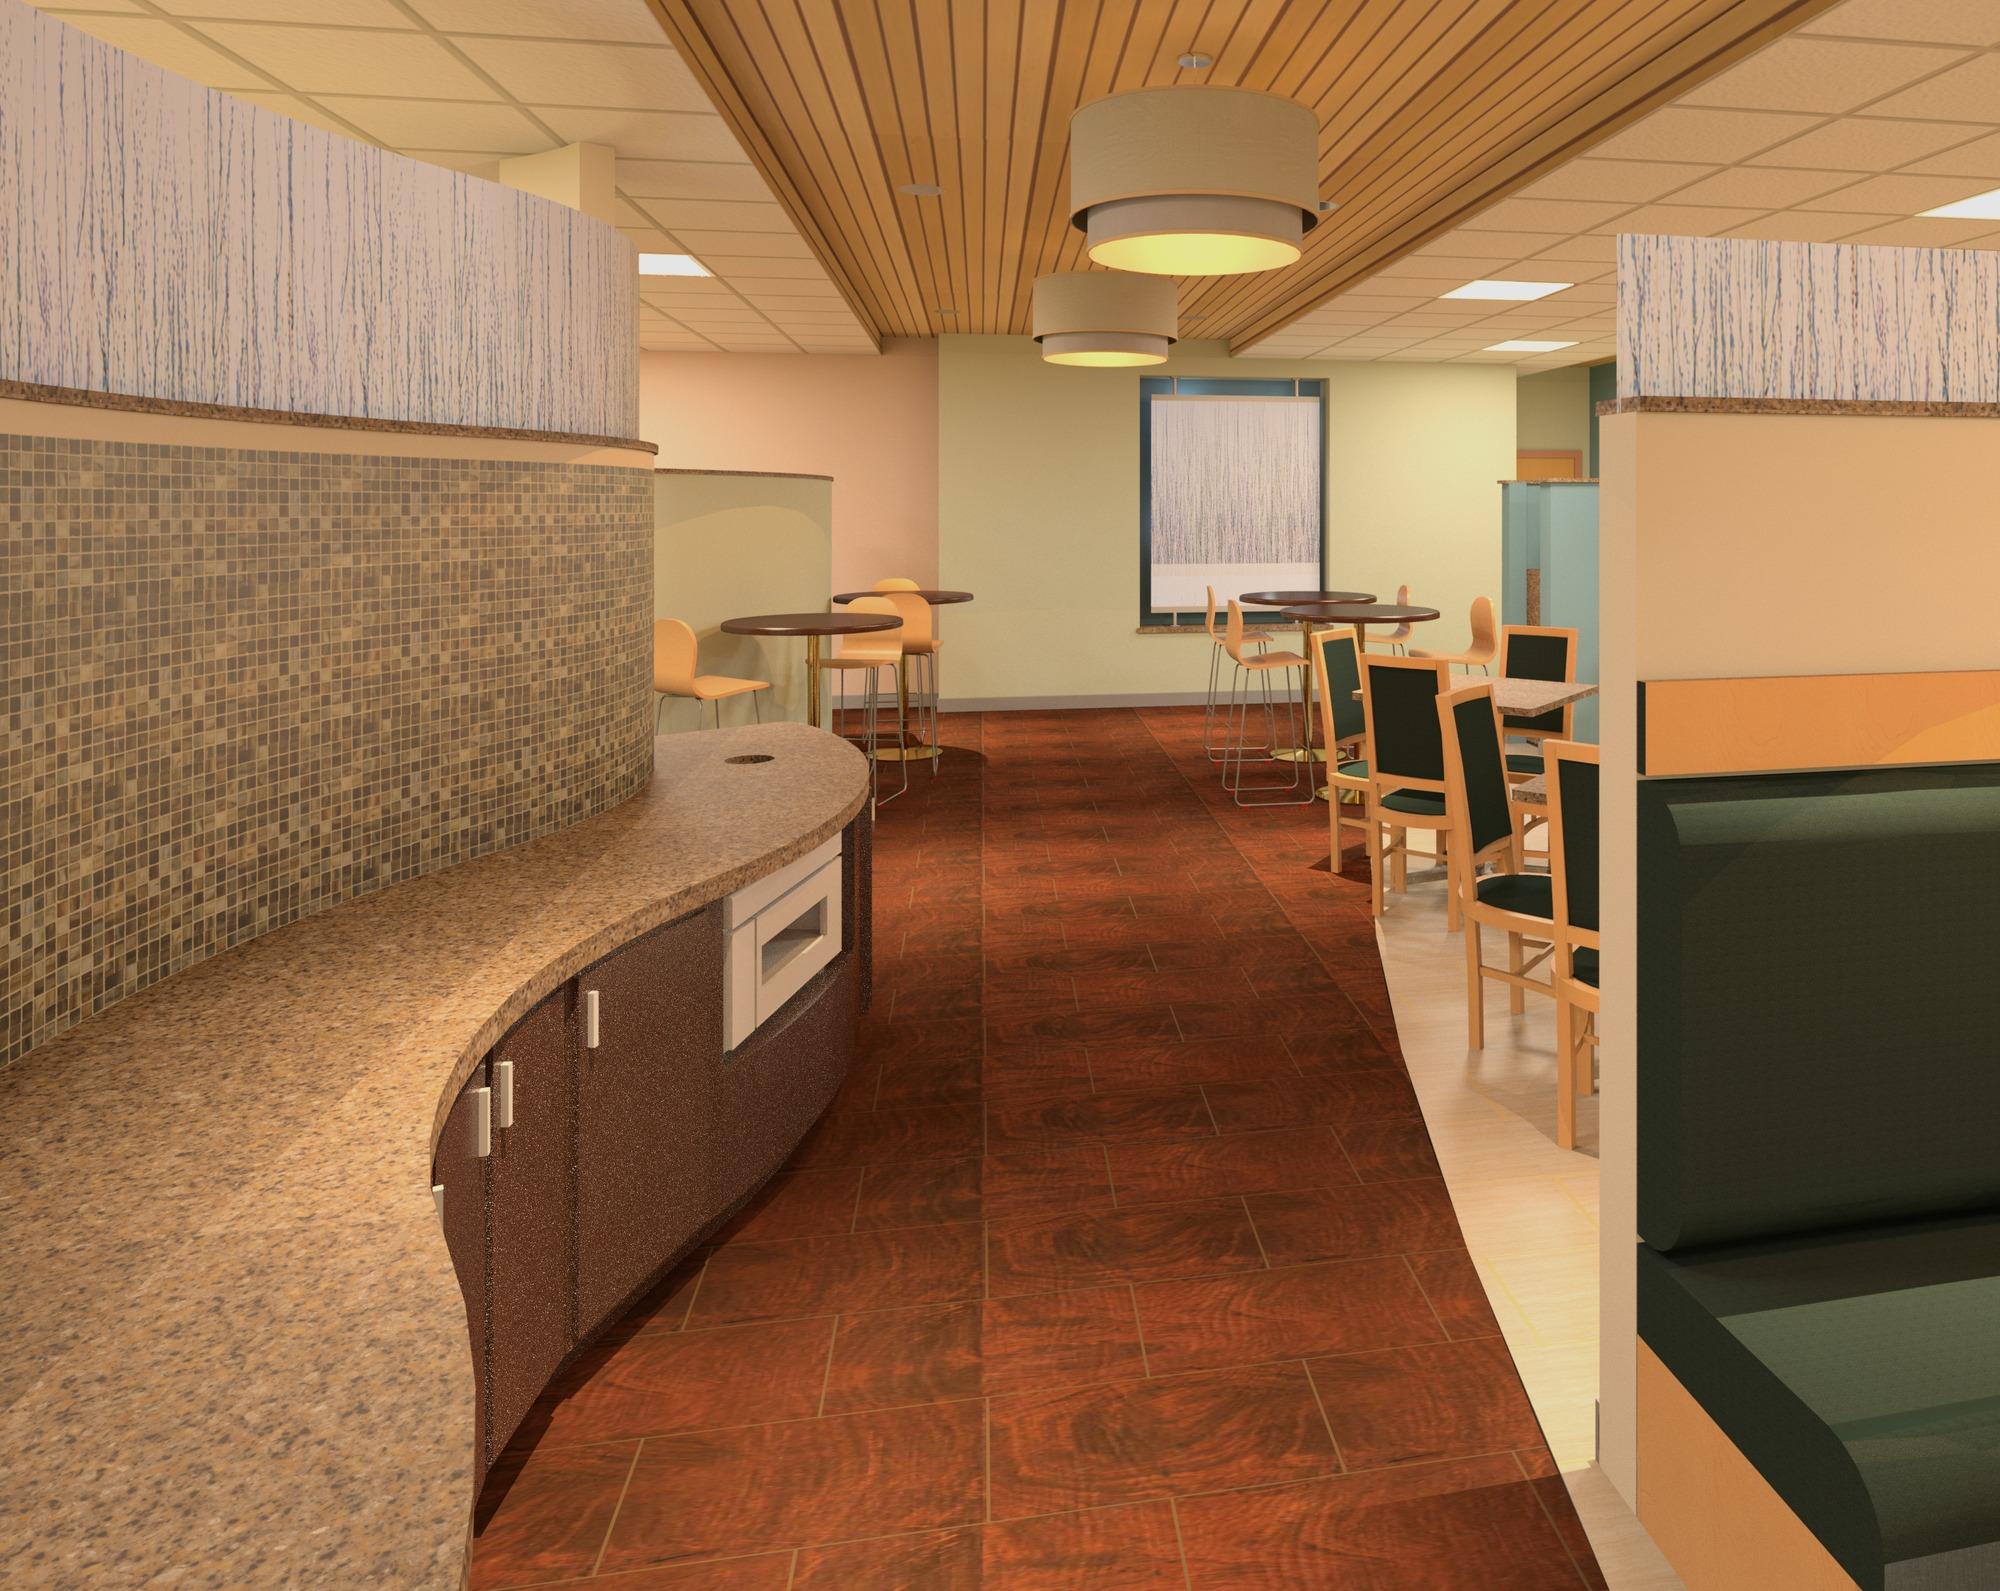 Raas-rendering20141128-9467-10b4ofa